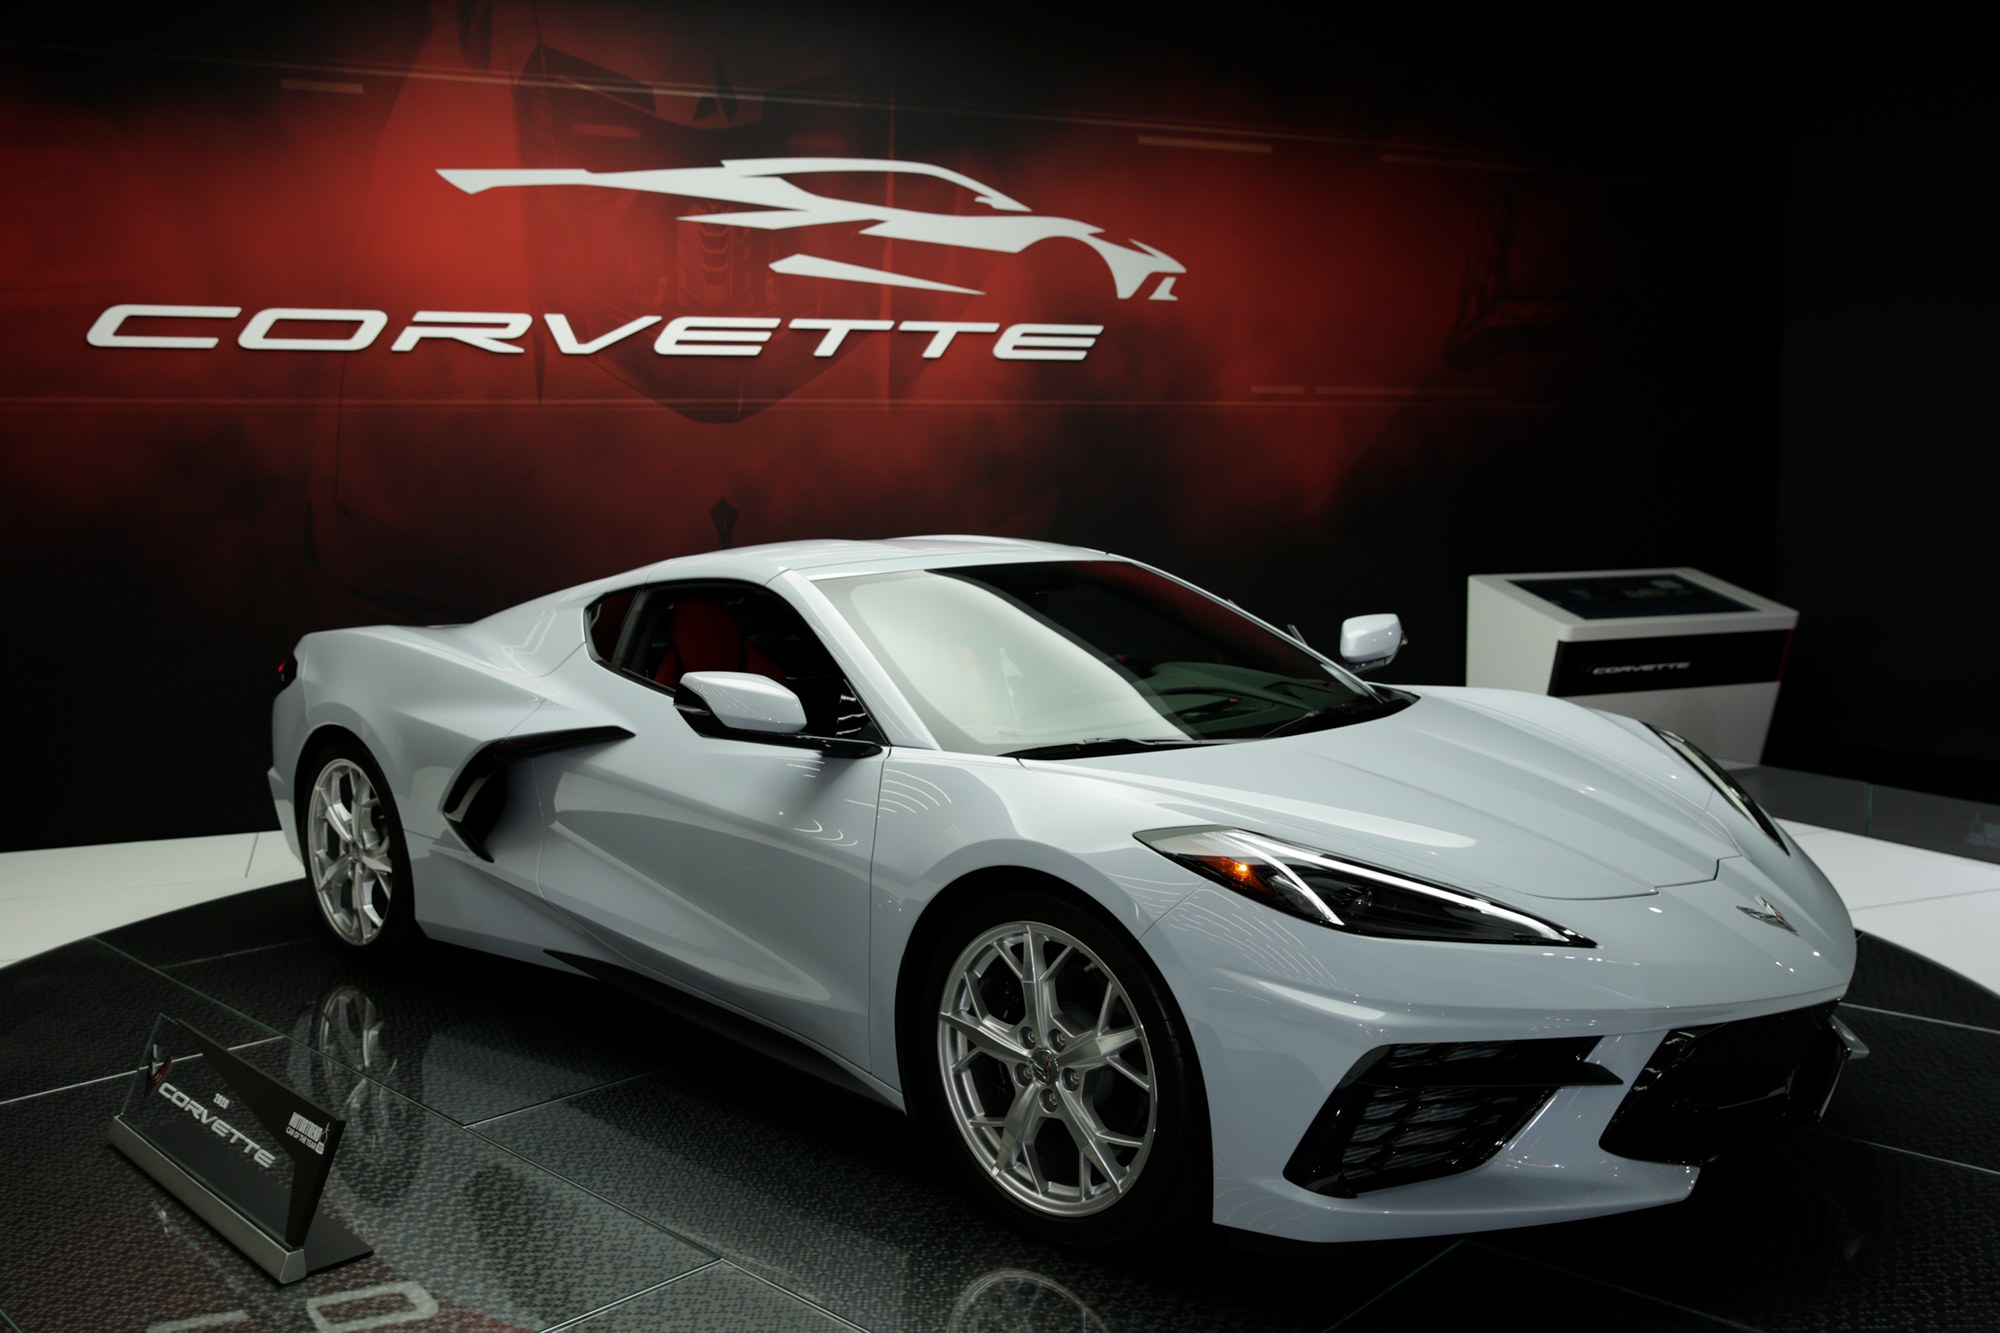 EVというよりEV含むハイパフォ・カーで盛り上がった2019年のLAオートショー